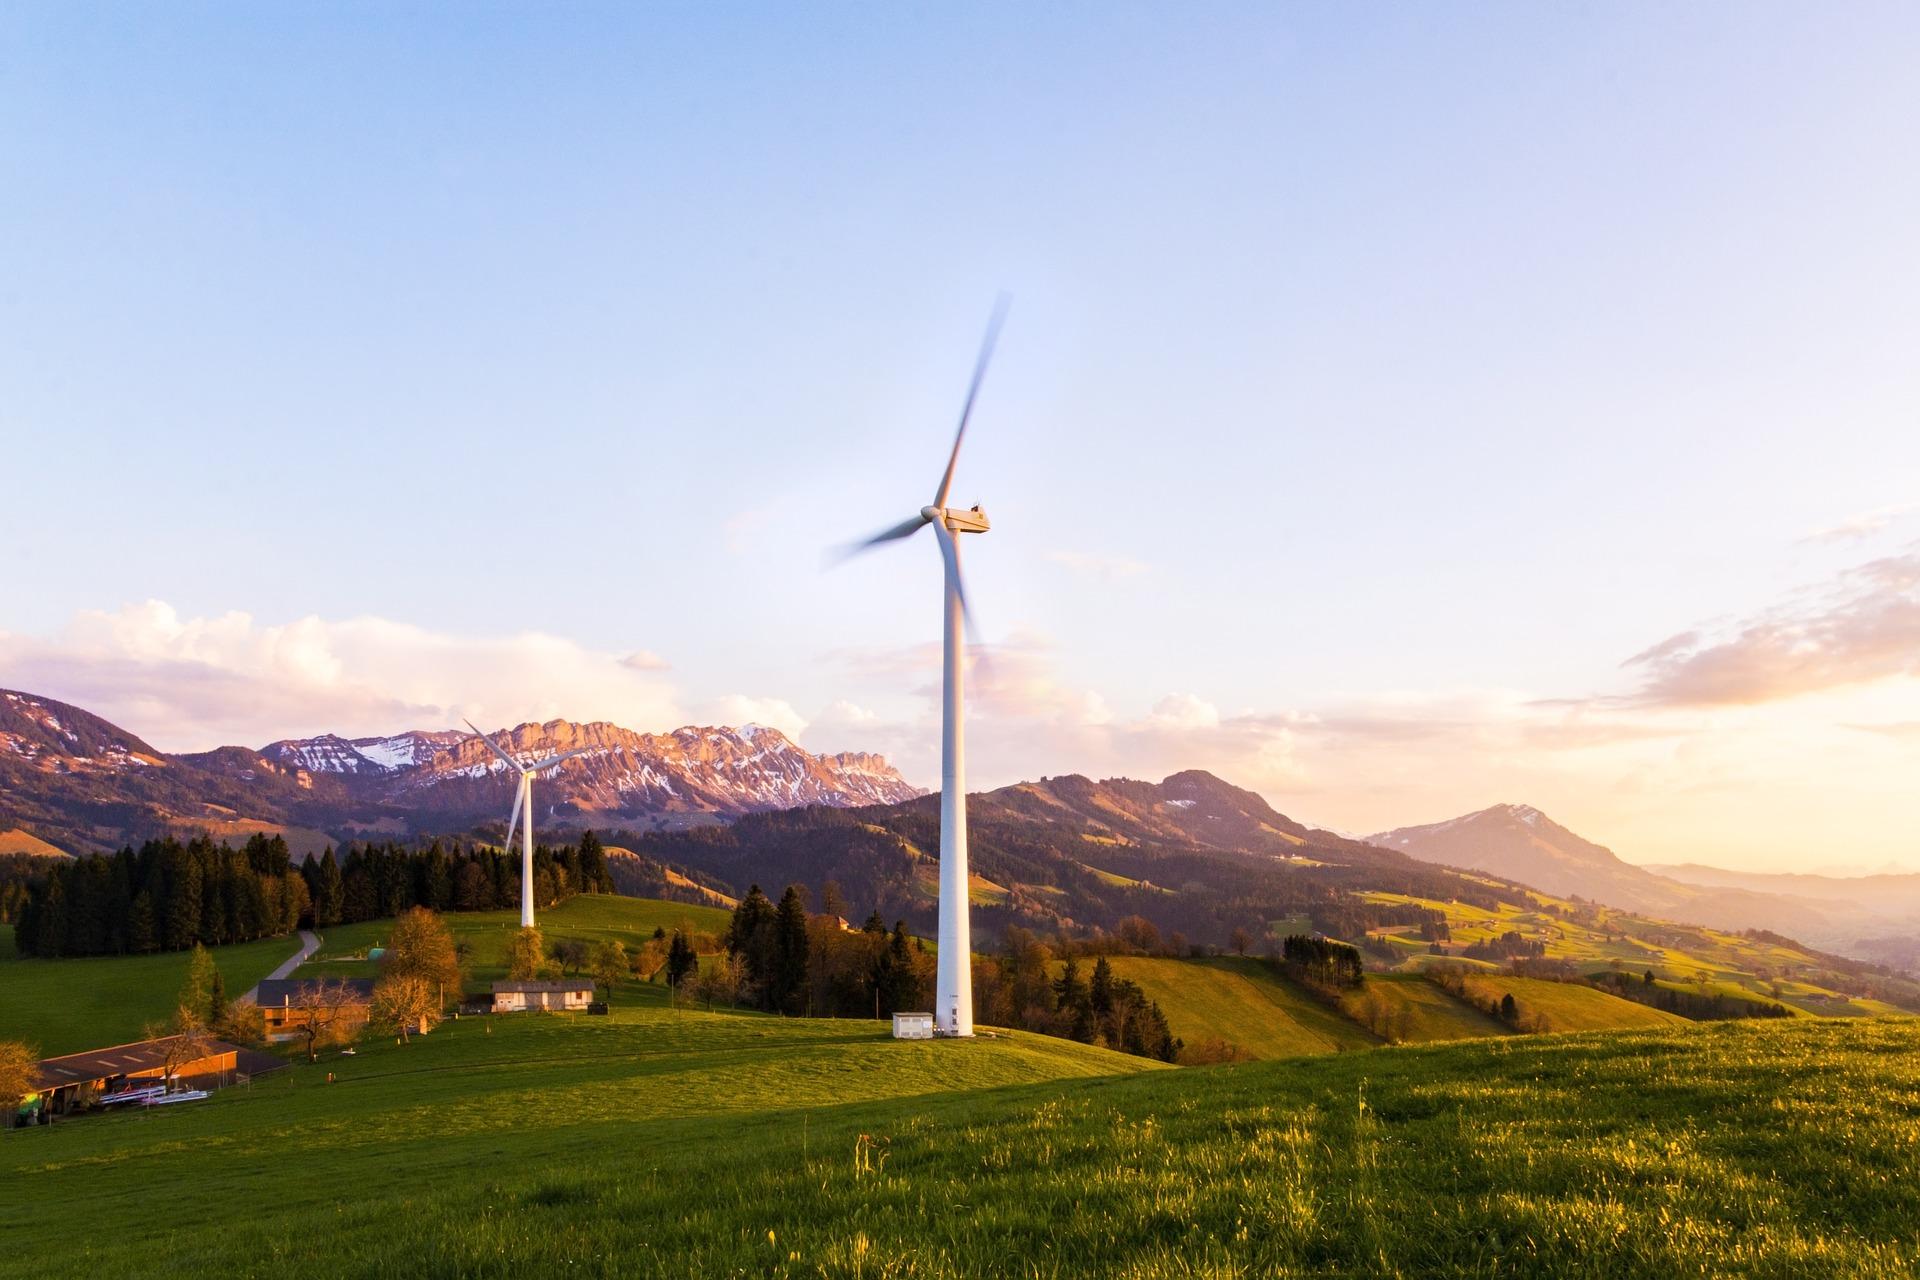 Suíços aprovam futuro com mais energias renováveis e sem usinas nucleares